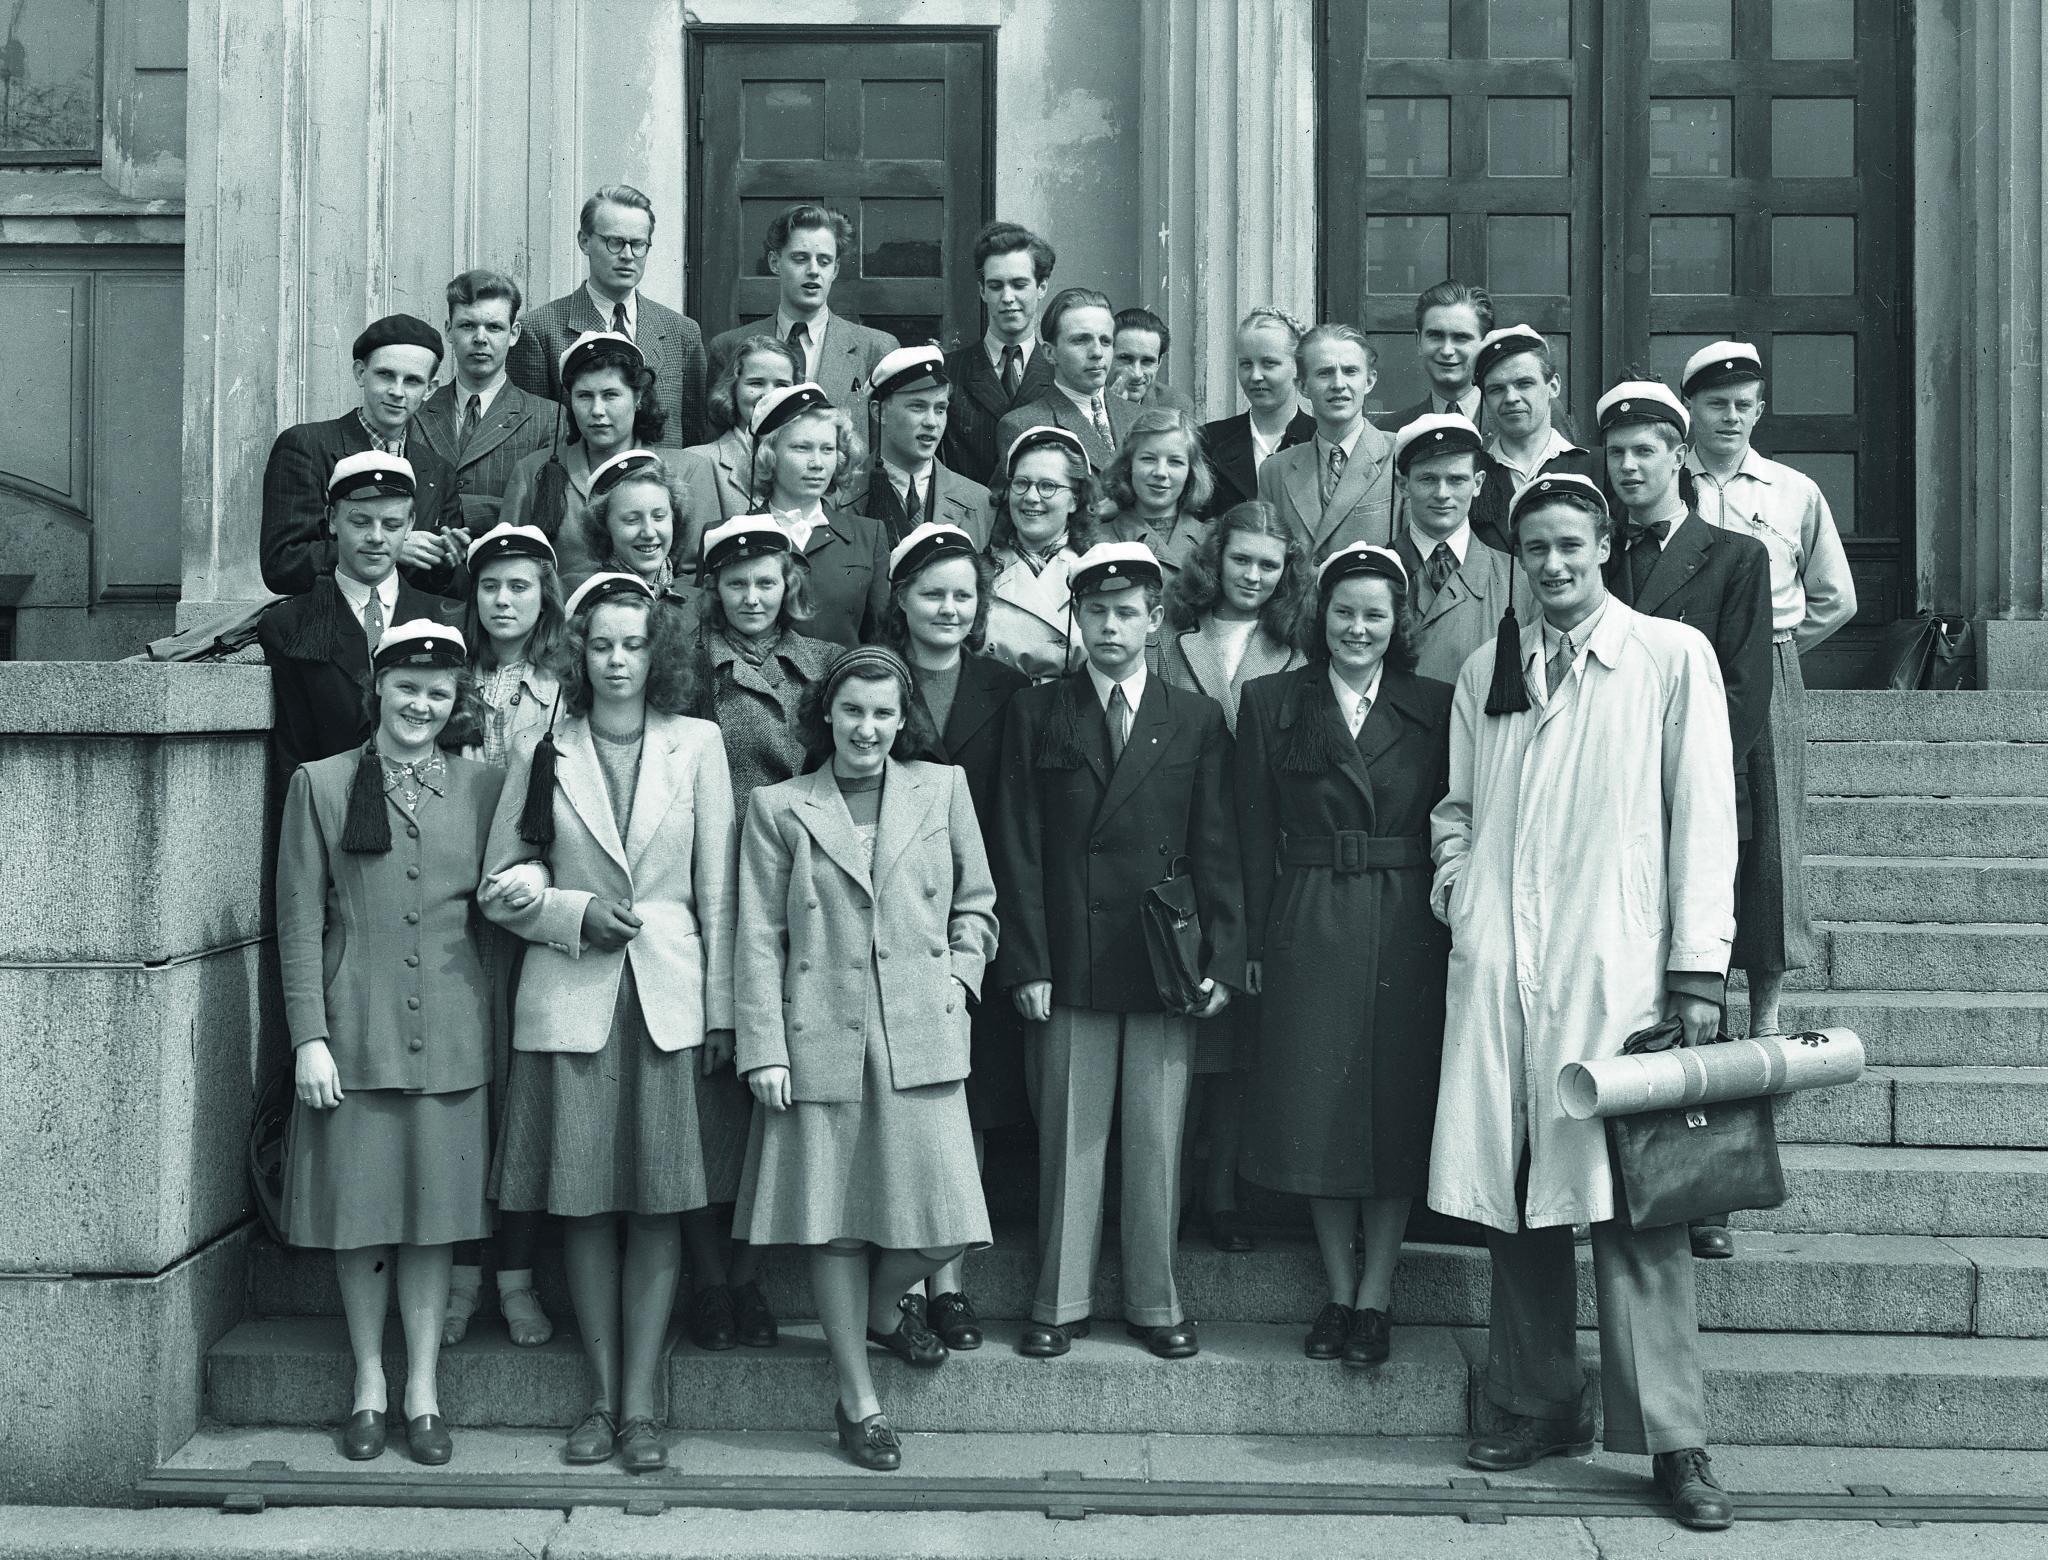 Arkkitehtikurssin opiskelijat 1947